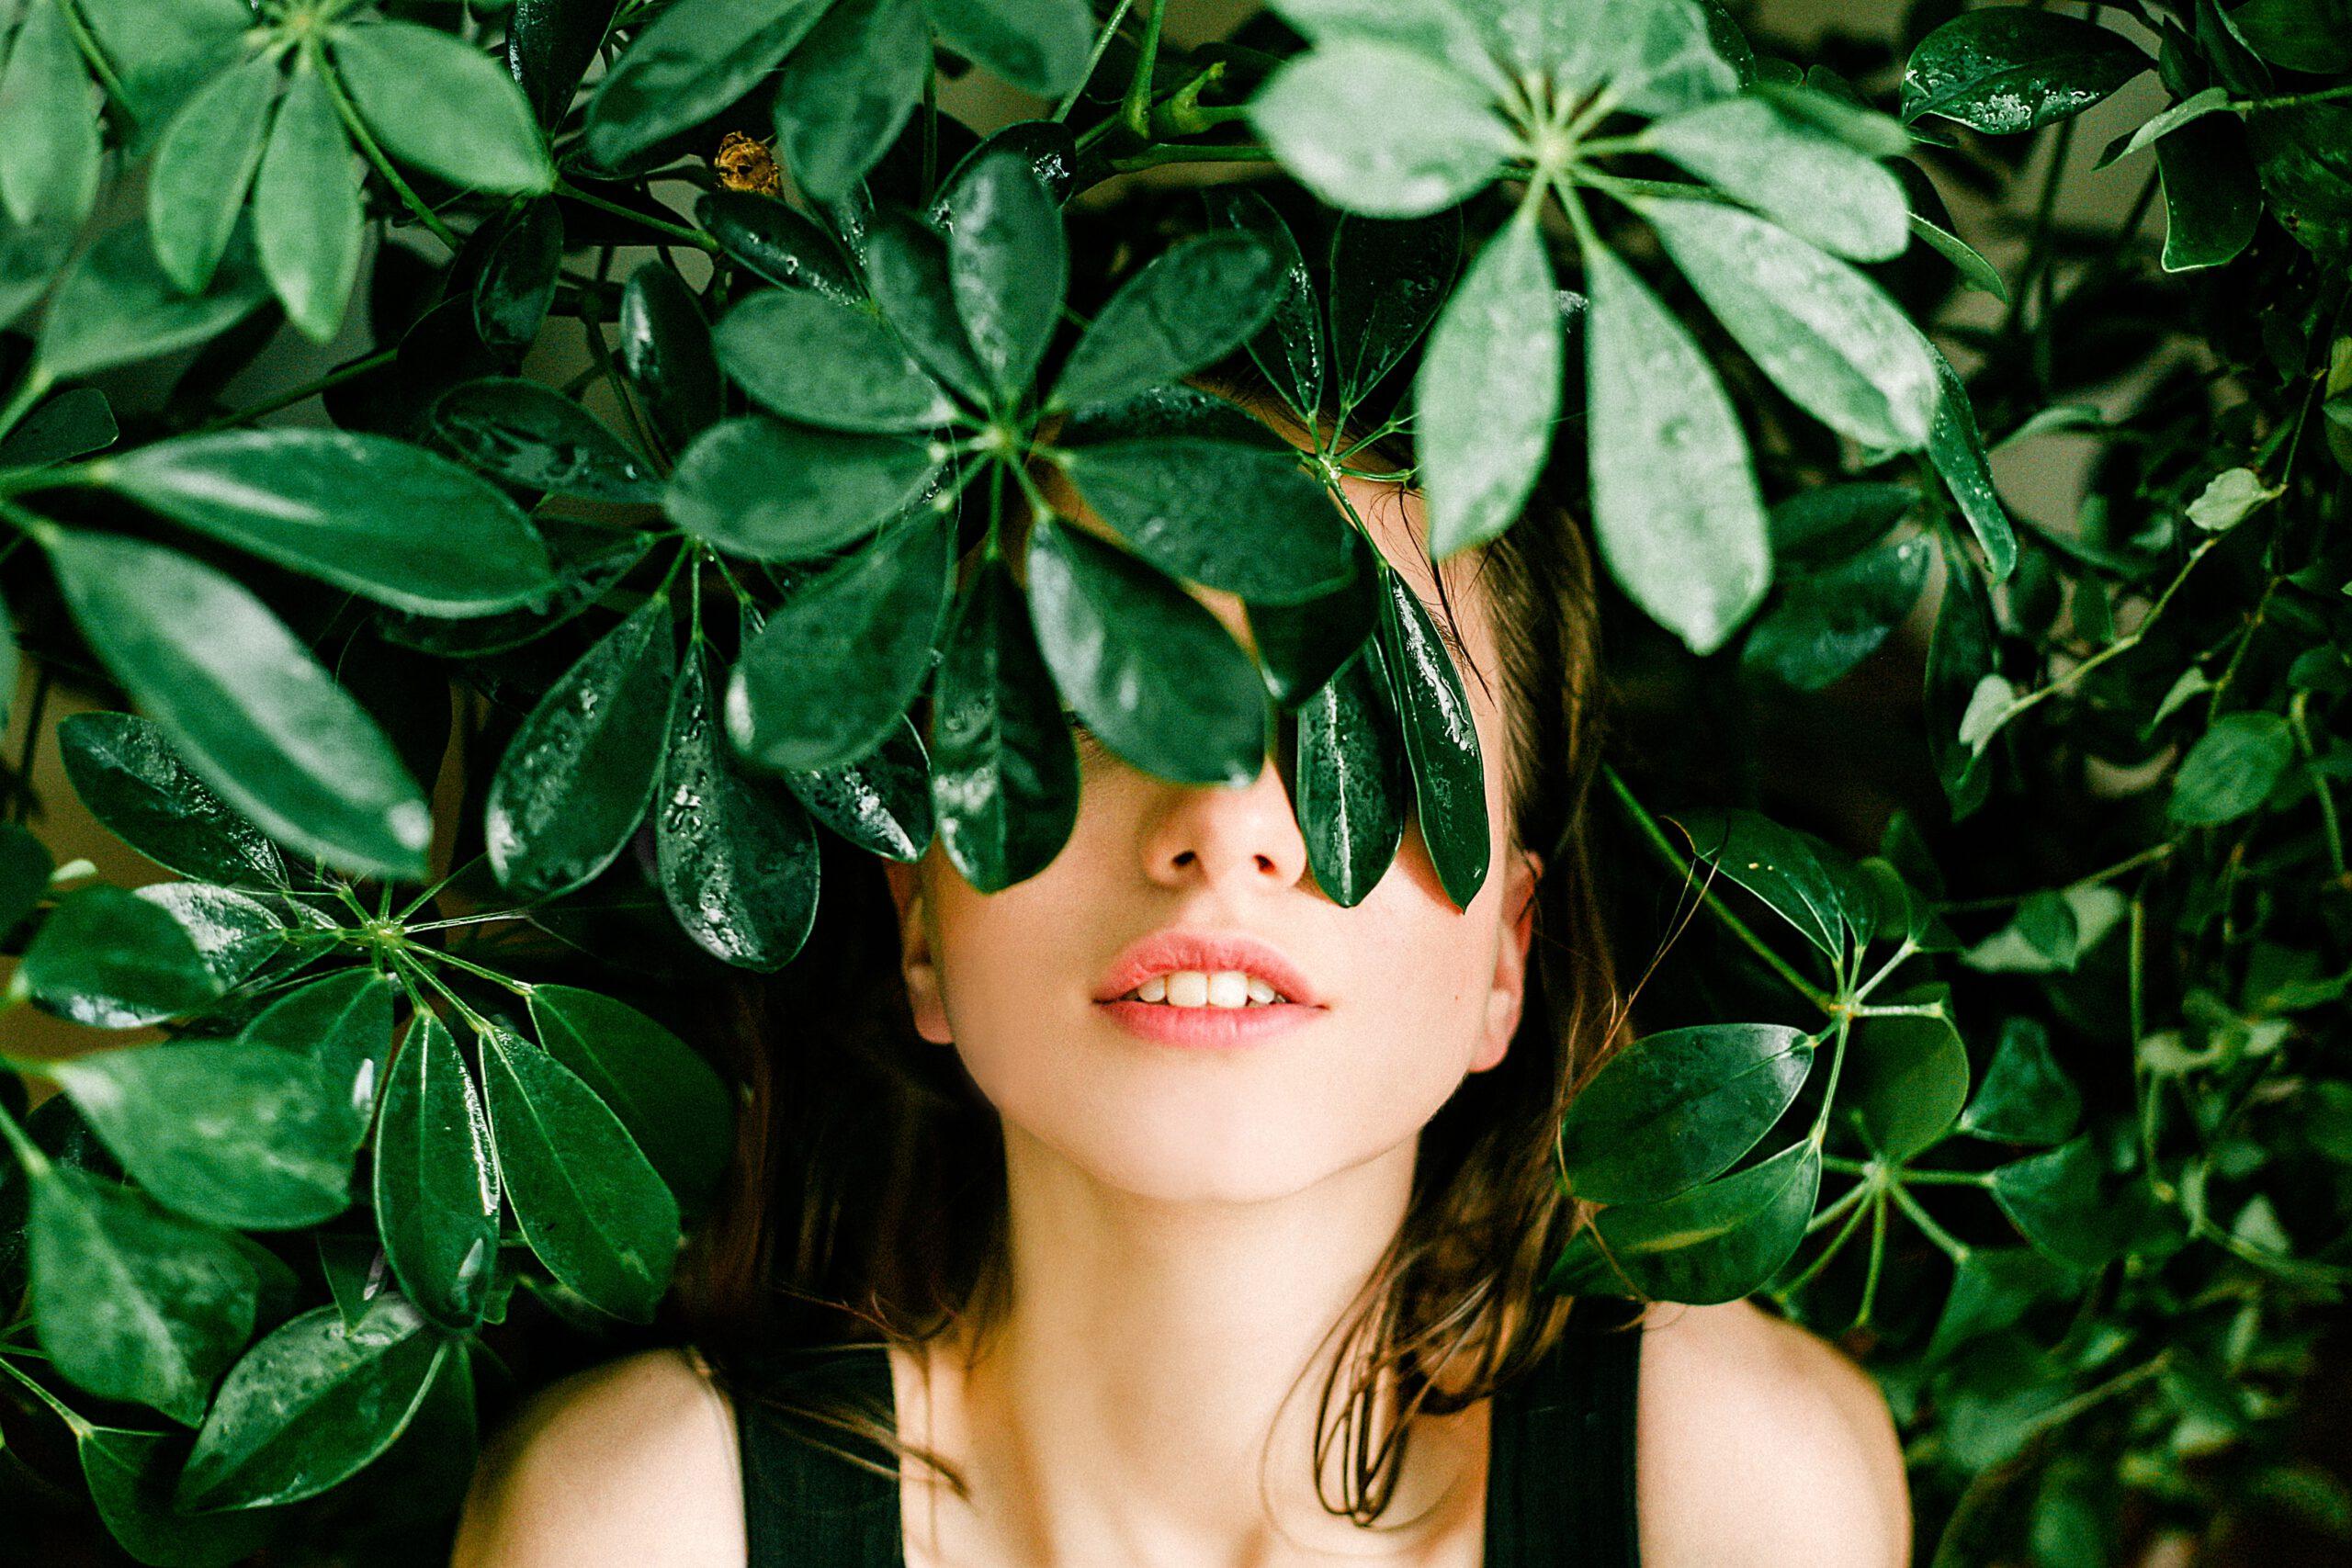 Nieuwe planten nodig in je tuin, haagplanten zijn een goede aanvulling.